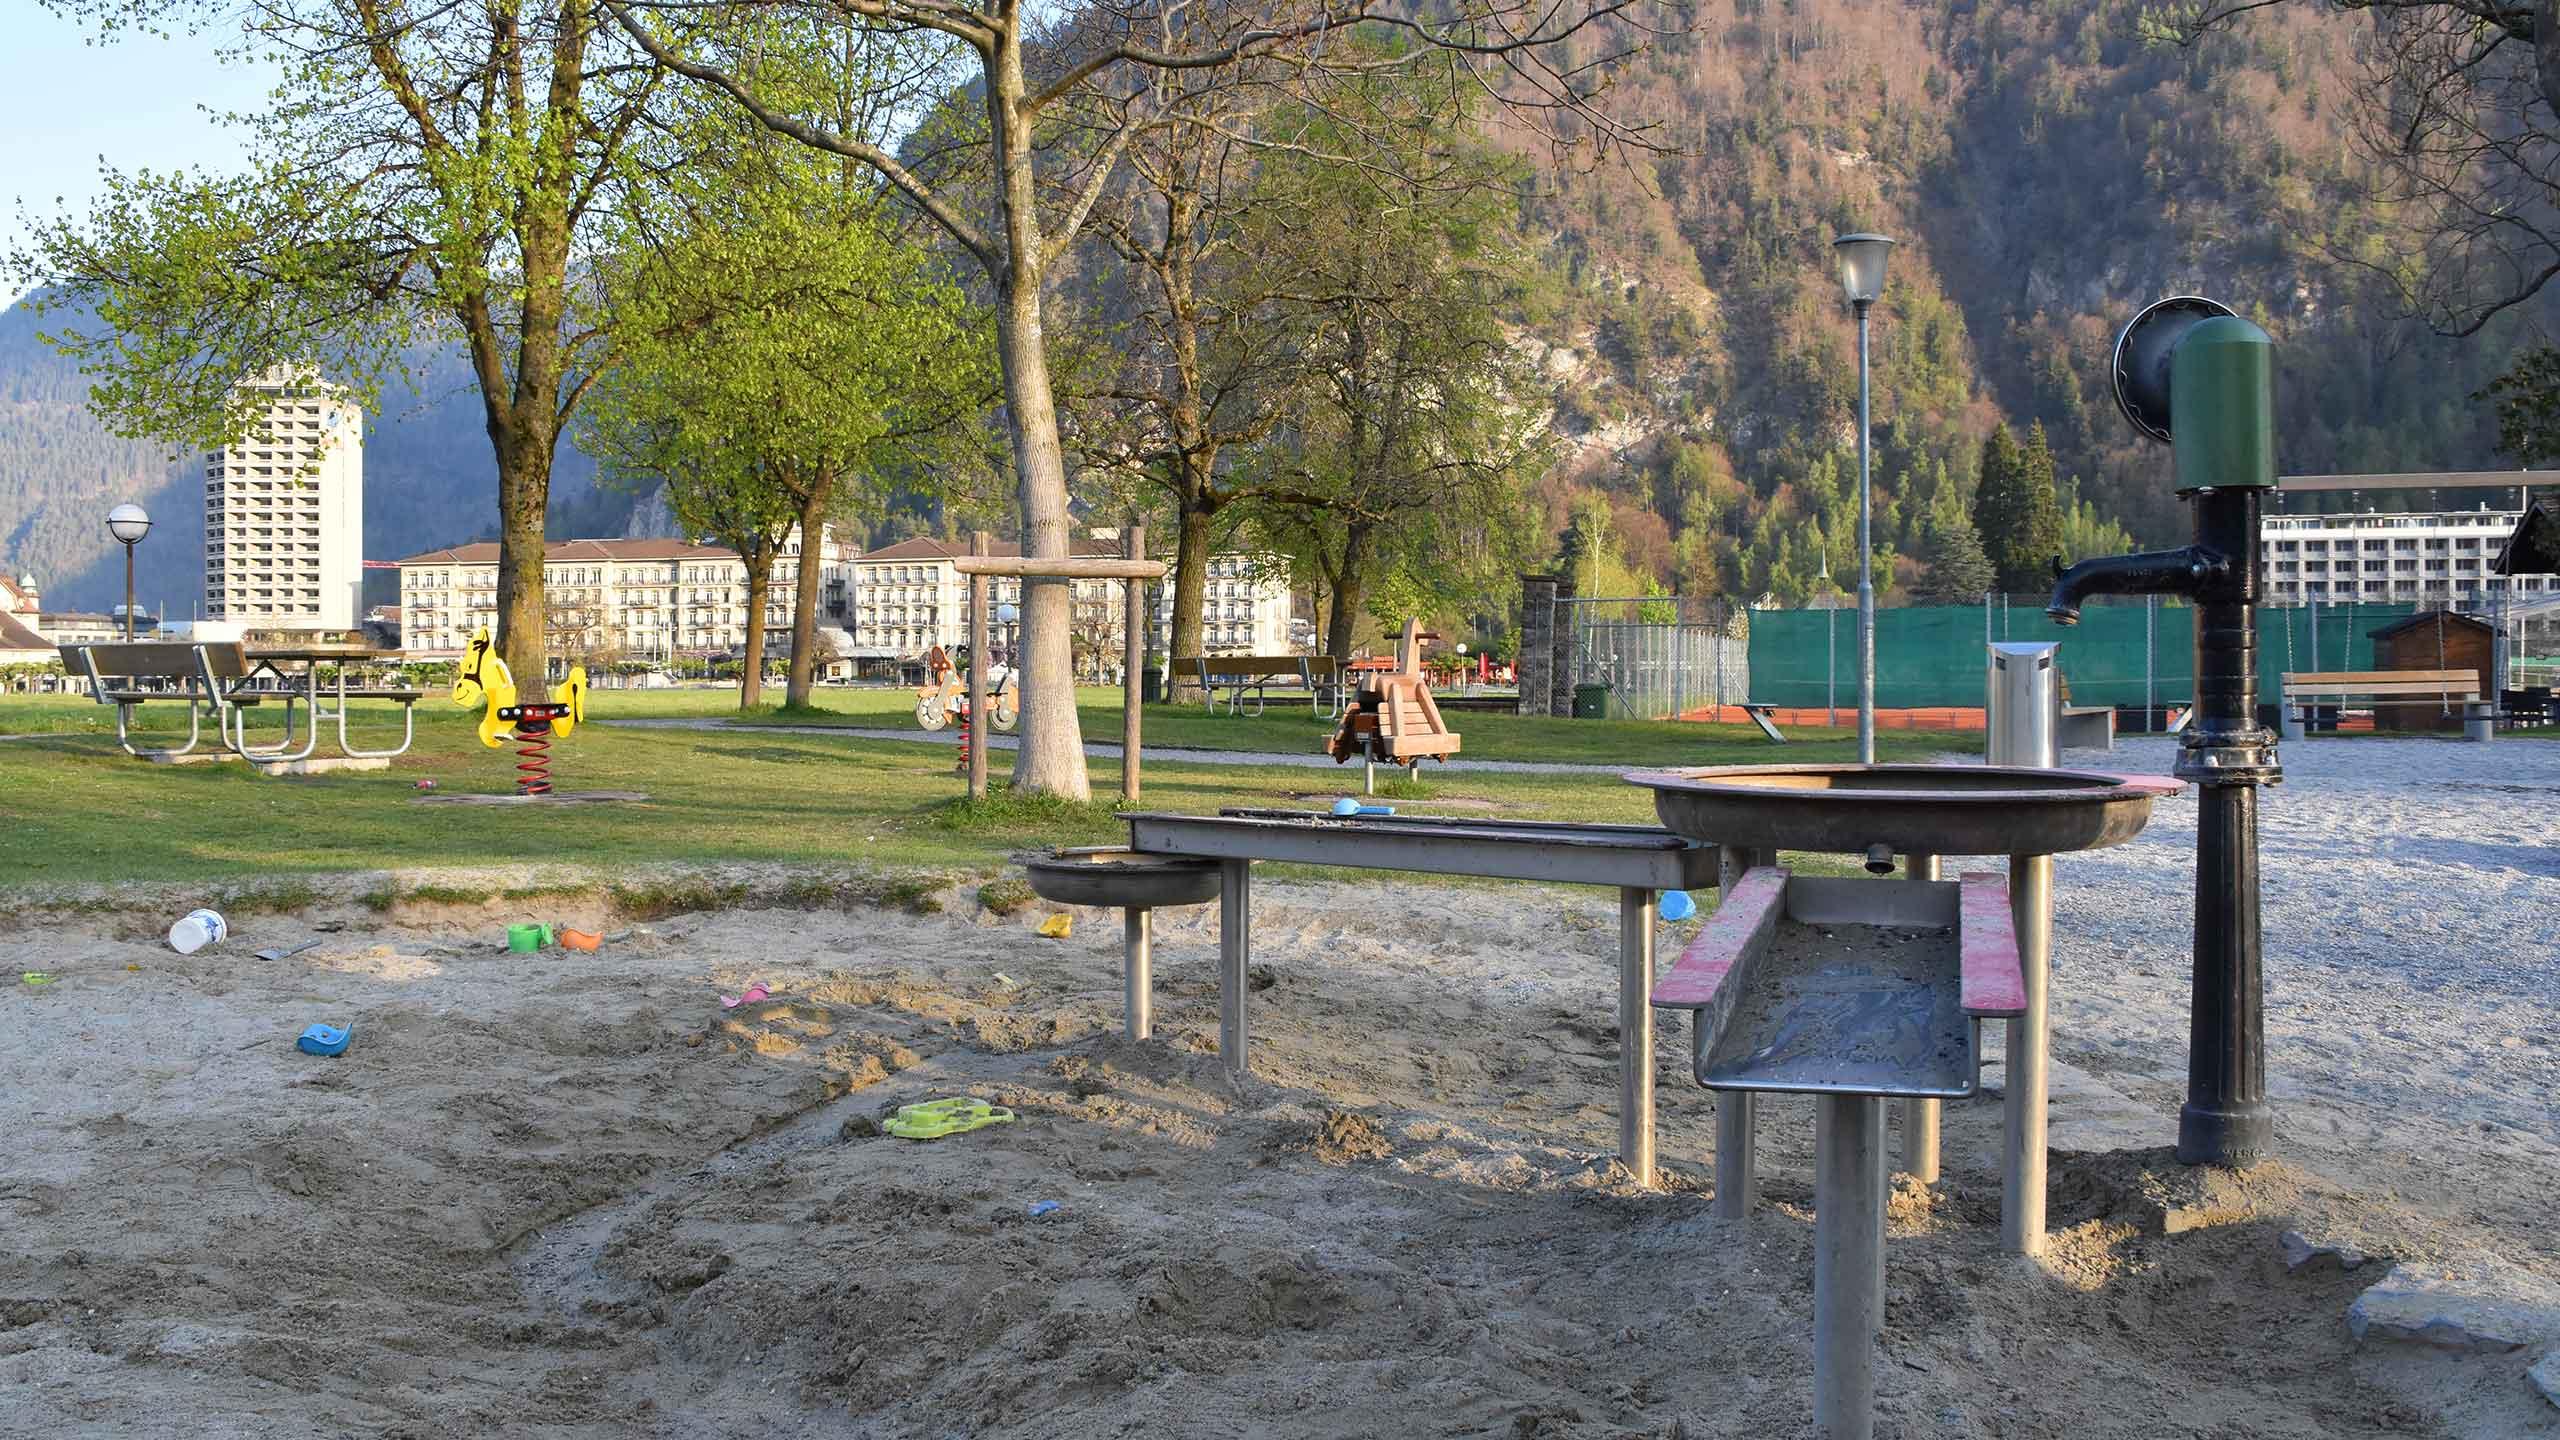 spielplatz-hoehematte-interlaken-wasserspiele-sand-sitzbank.jpg